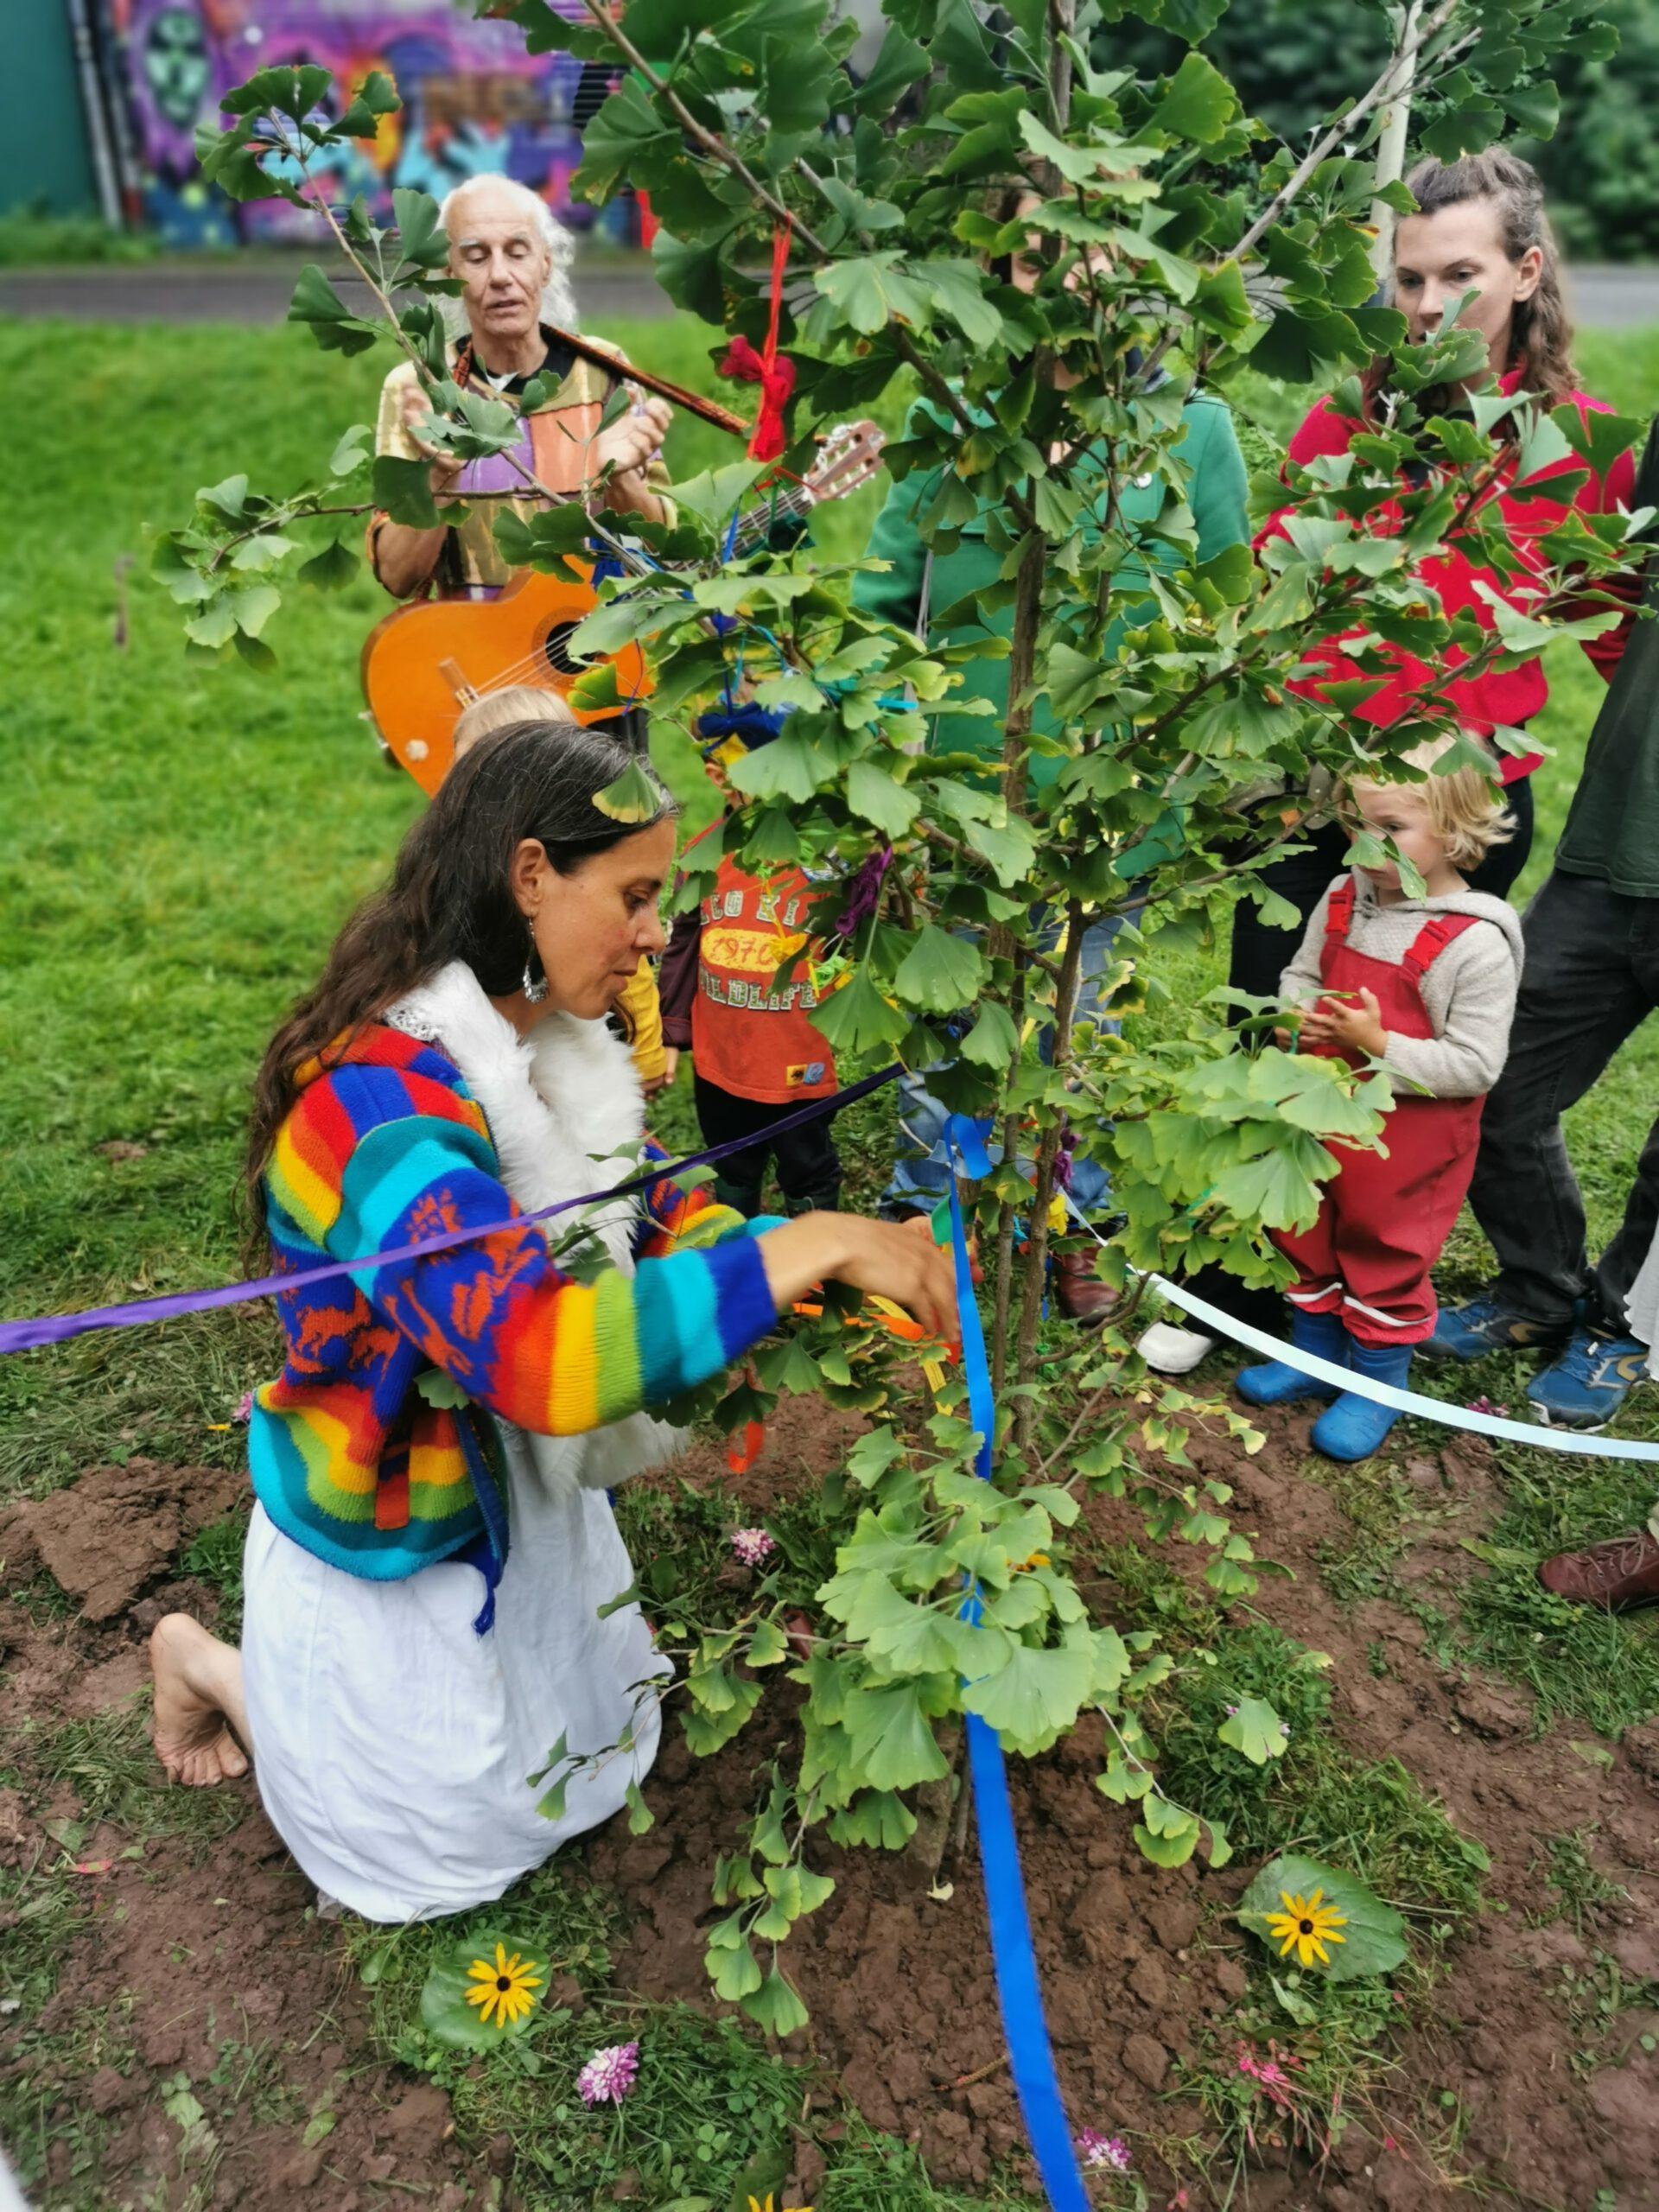 Friedensbaumpflanzung Limburg 15.9.2021